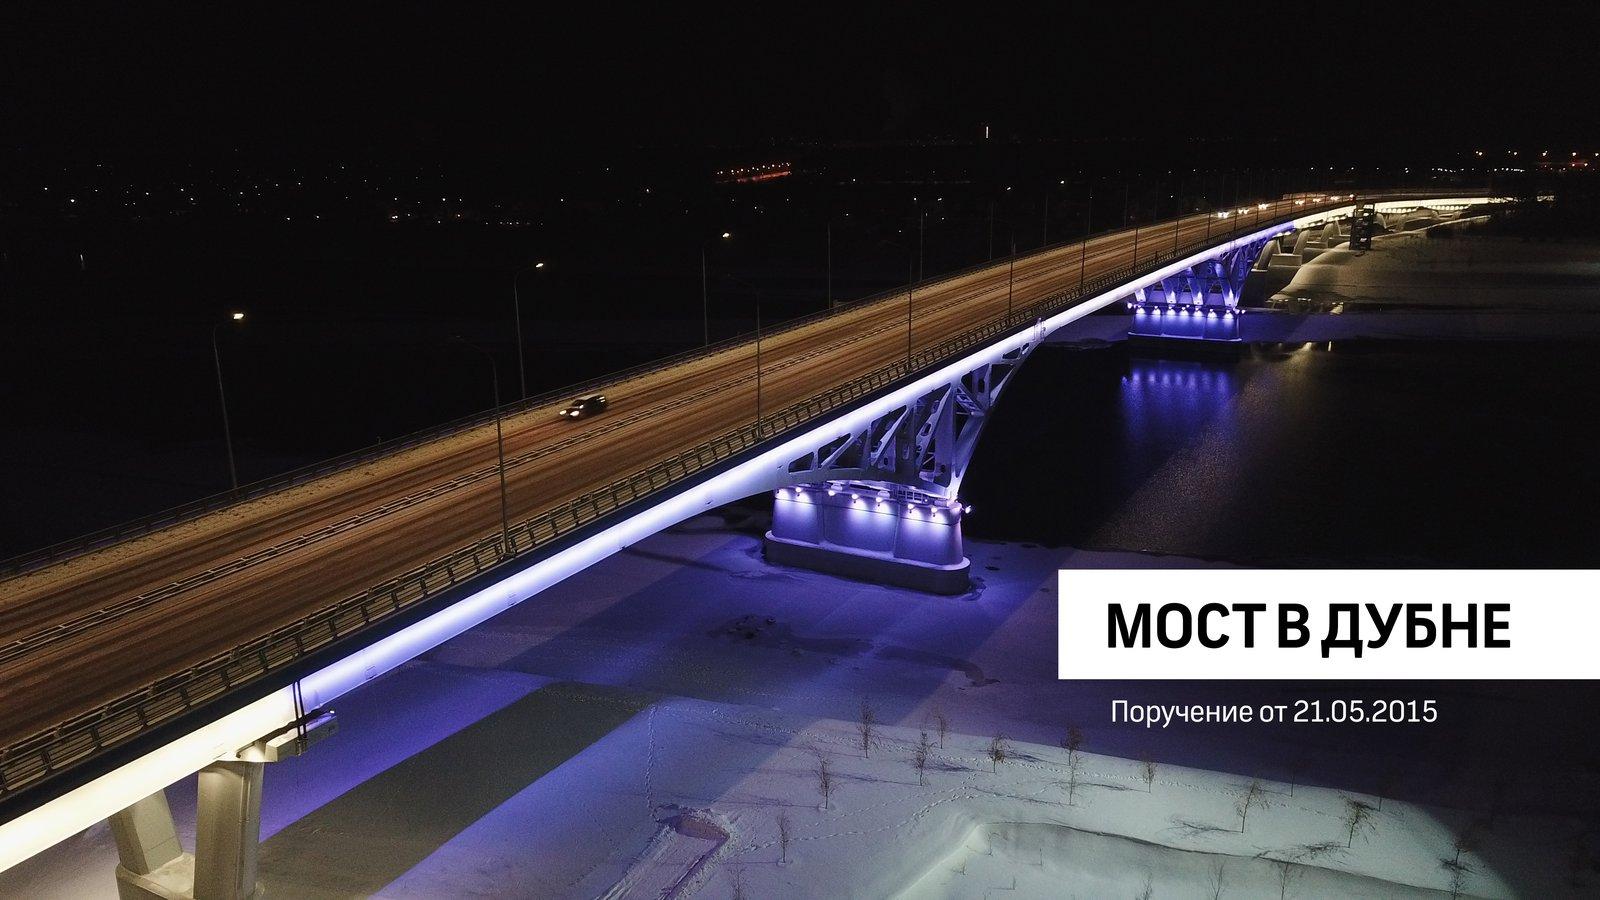 Андрей Воробьев губернатор московской области - Нацпроекты, экономика и образовательные кластеры. Рабочая встреча с Президентом